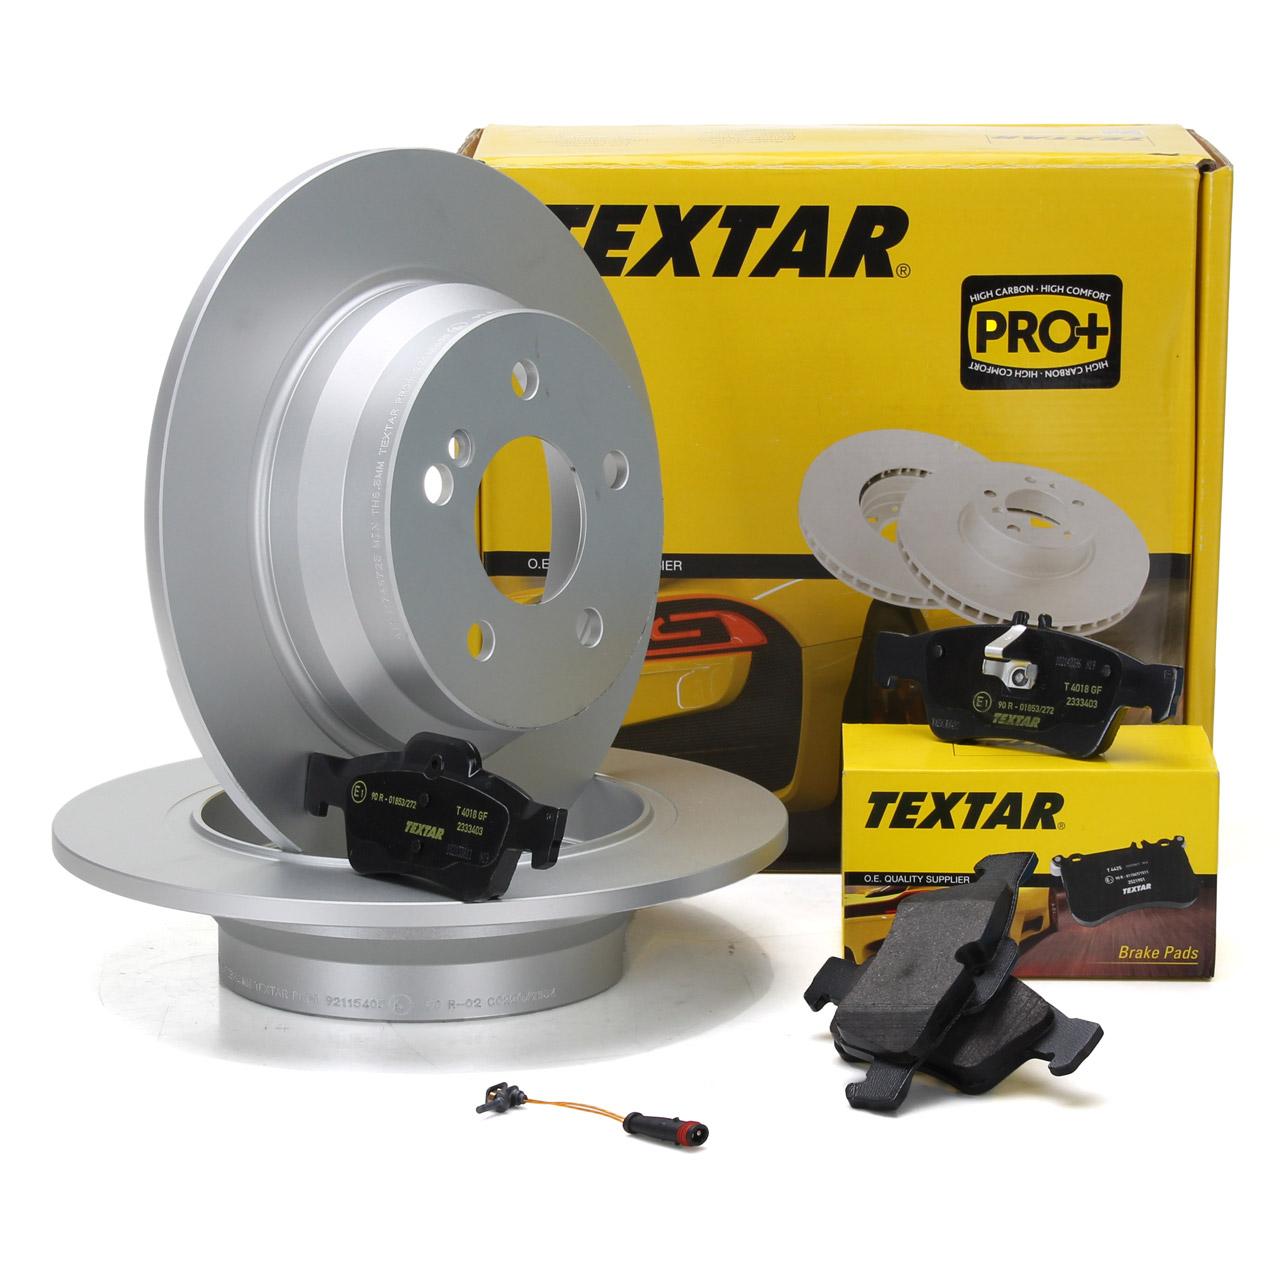 TEXTAR Bremsscheiben + Beläge + Wako MERCEDES W211 S211 W212 S212 C218 X218 hinten